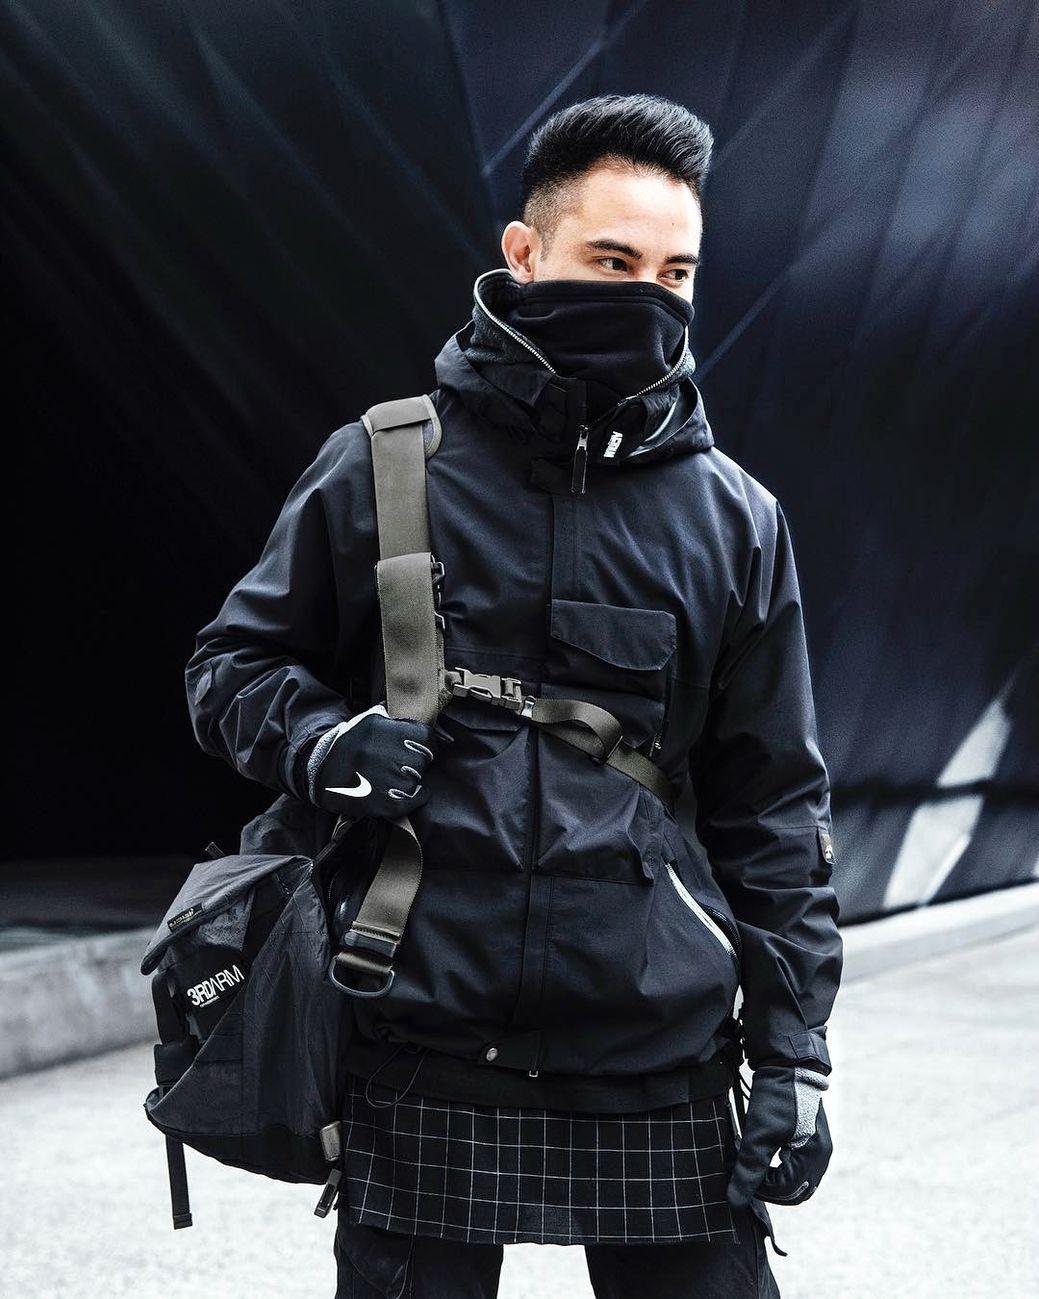 Pin by Devon Hoggan on Street wear | Cyberpunk fashion